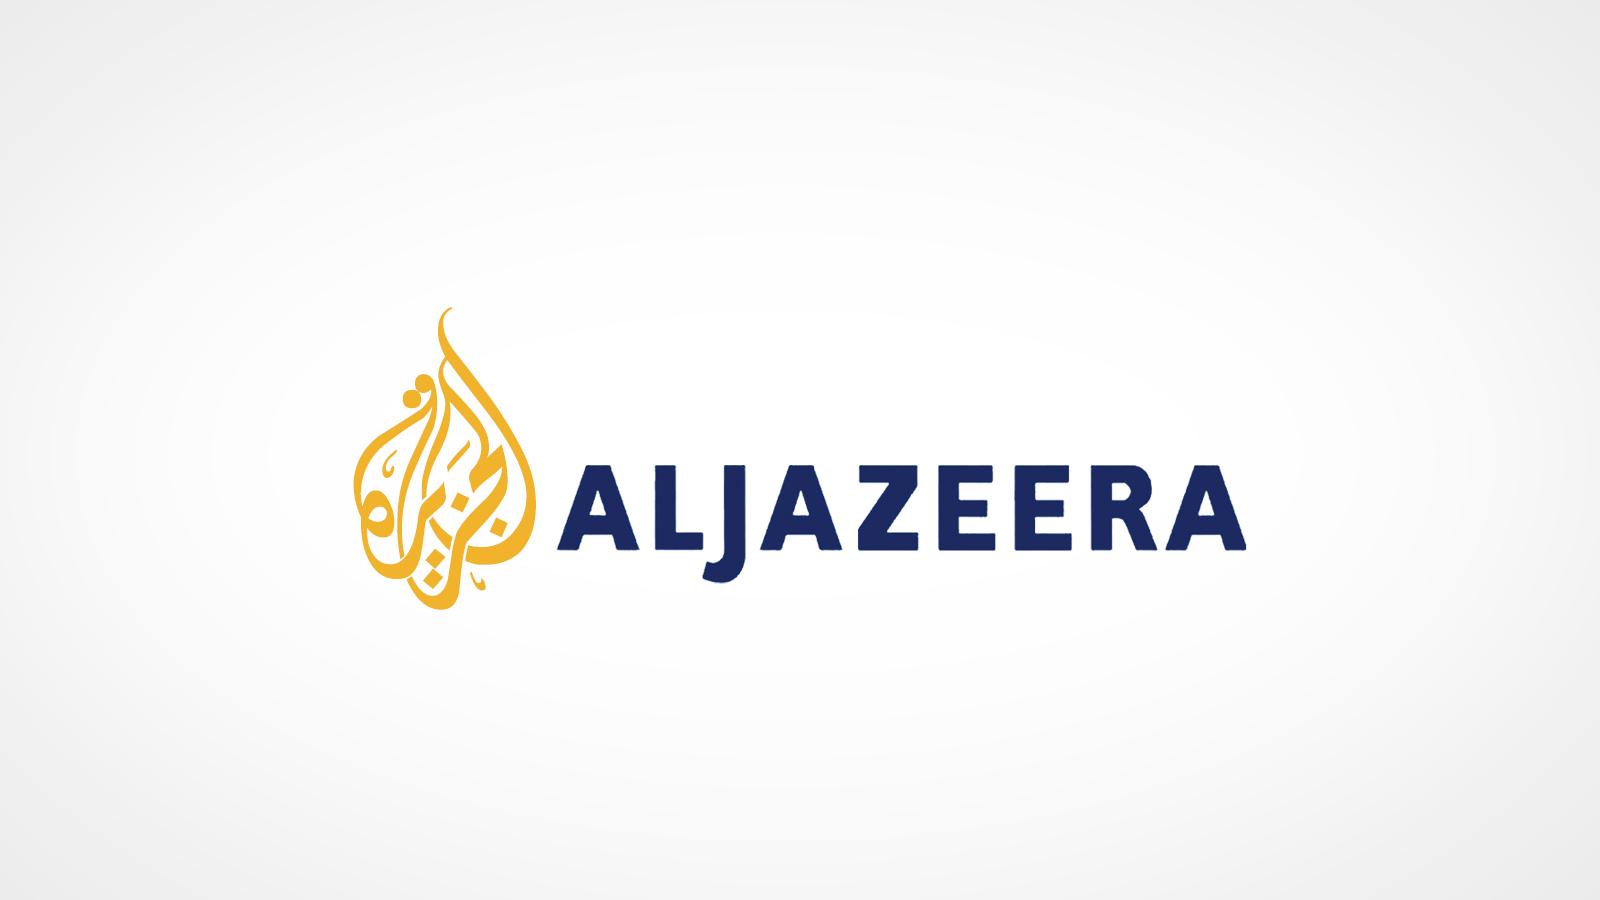 صورة تردد قناة الجزيرة مباشر , احدث تردد قناه الجزيره الجديد على النايل سات 5665 2